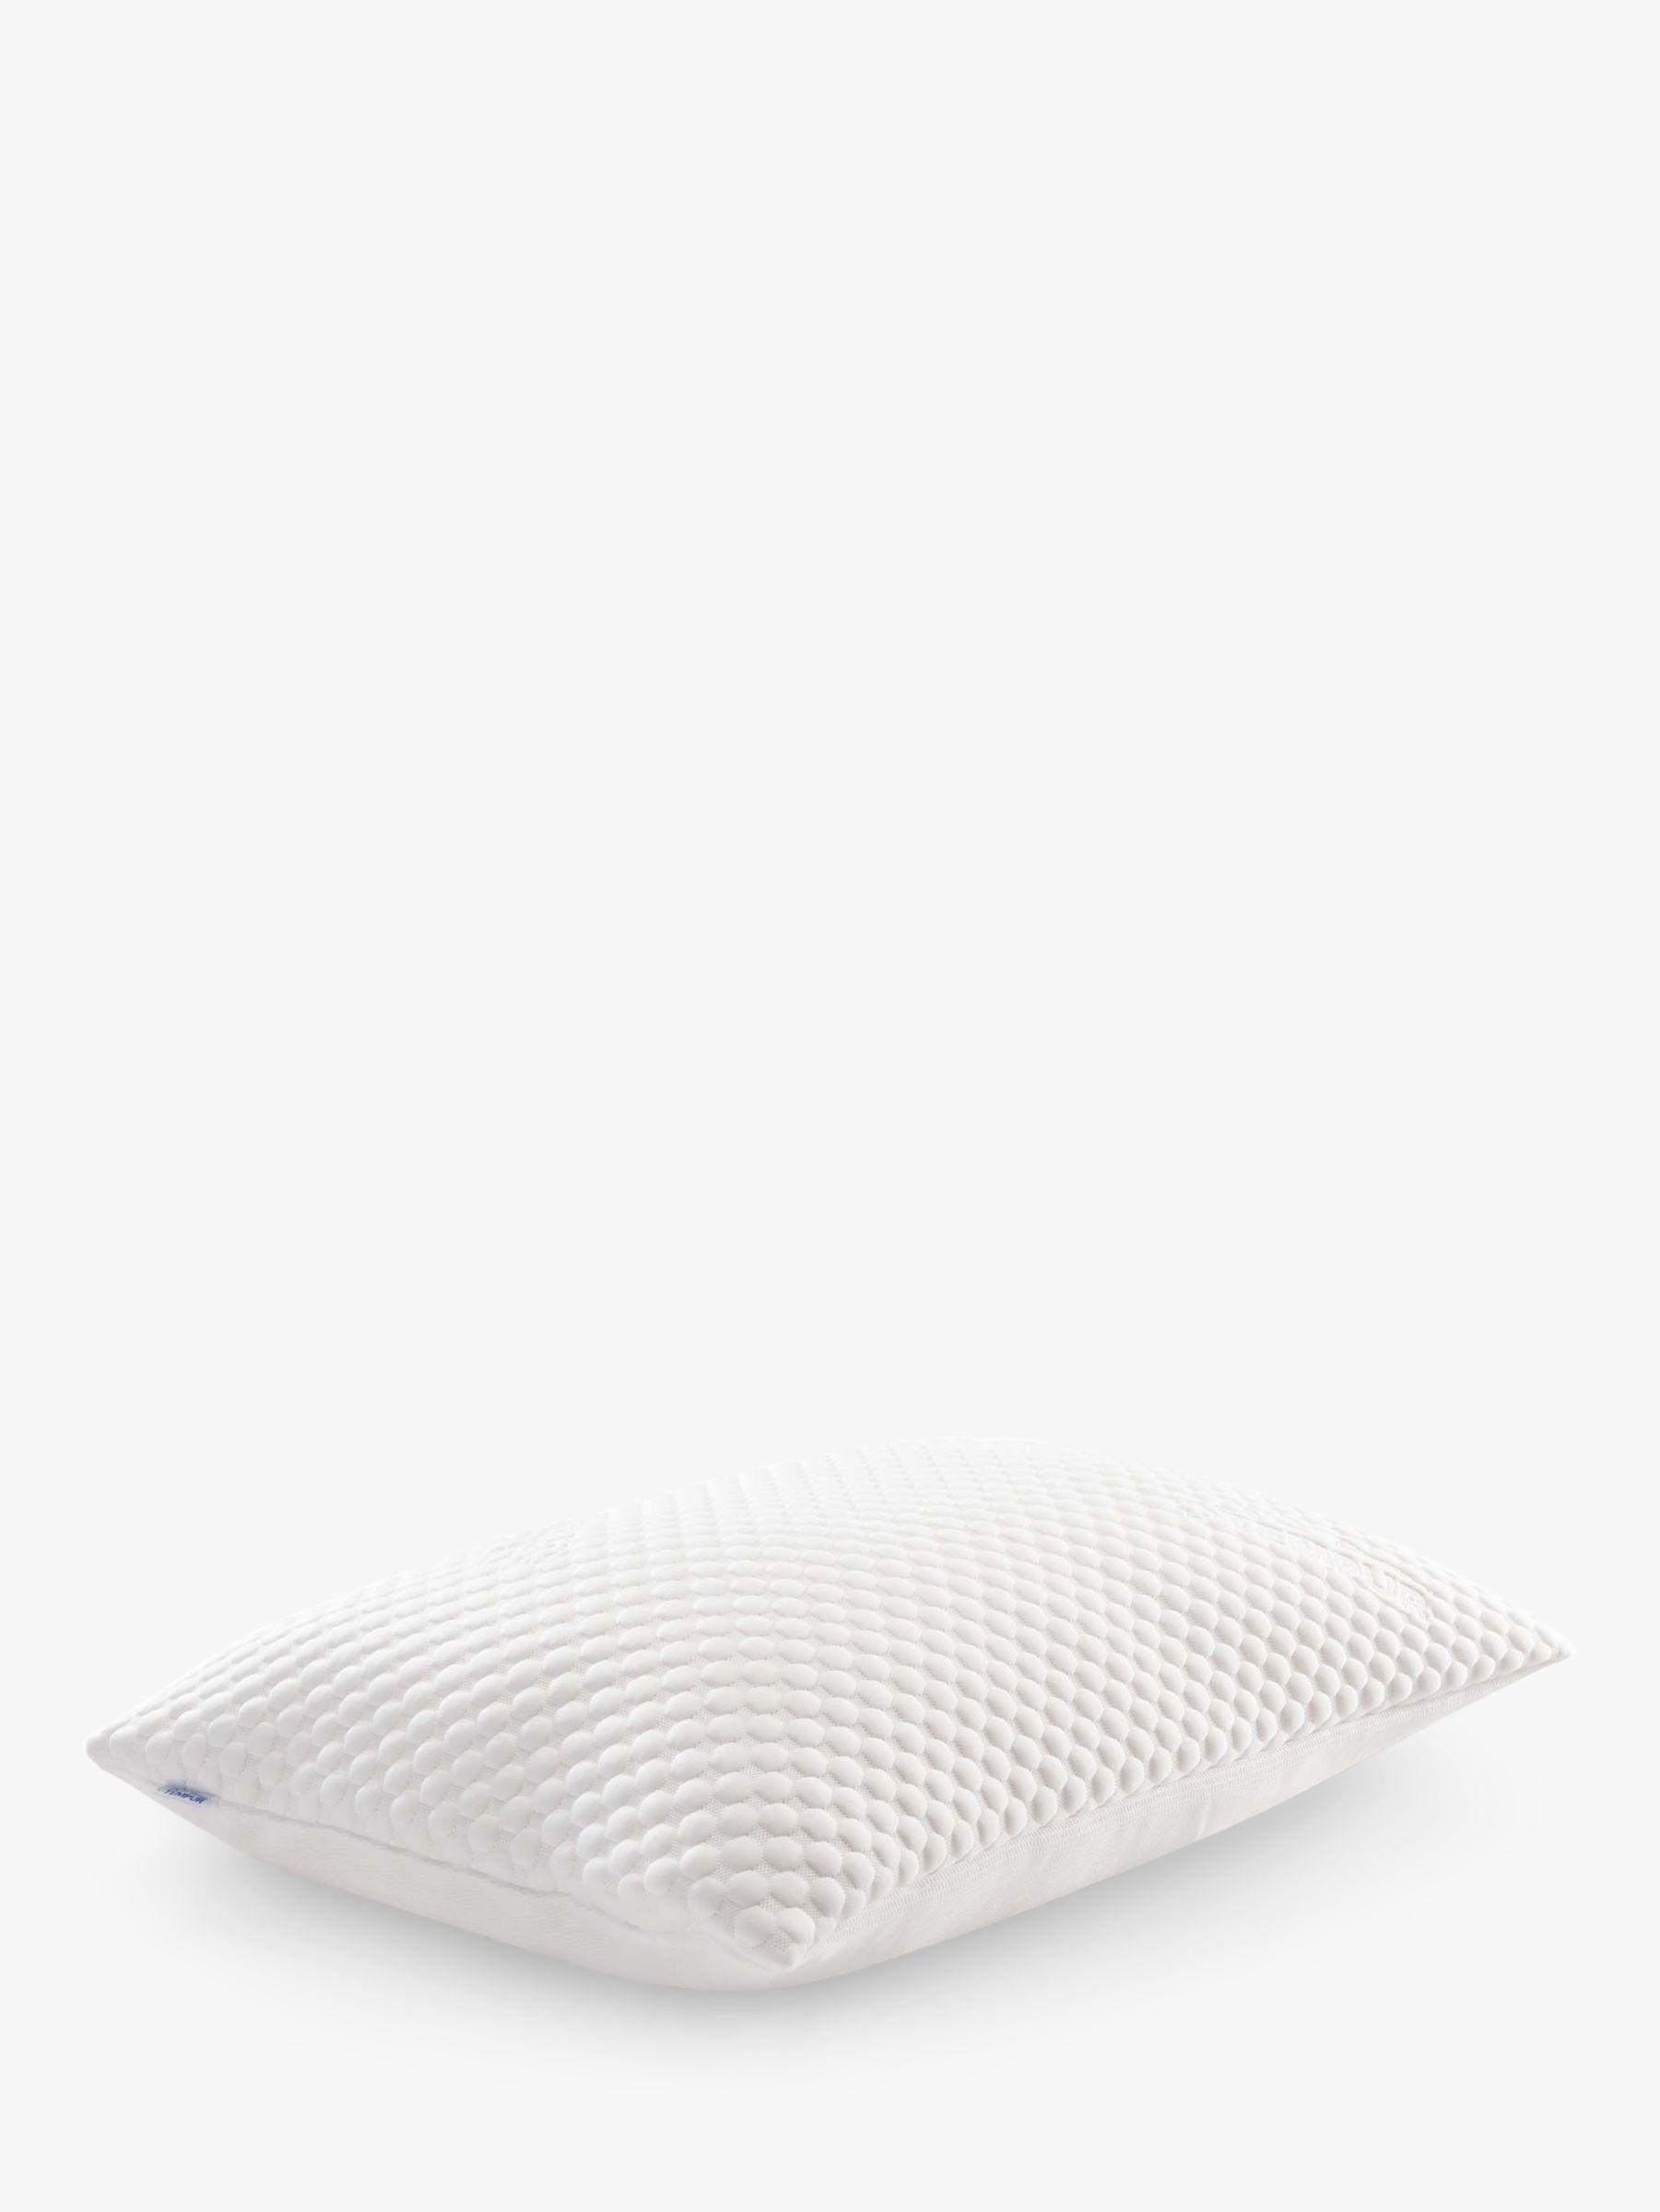 Tempur Tempur Cloud Support Standard Pillow